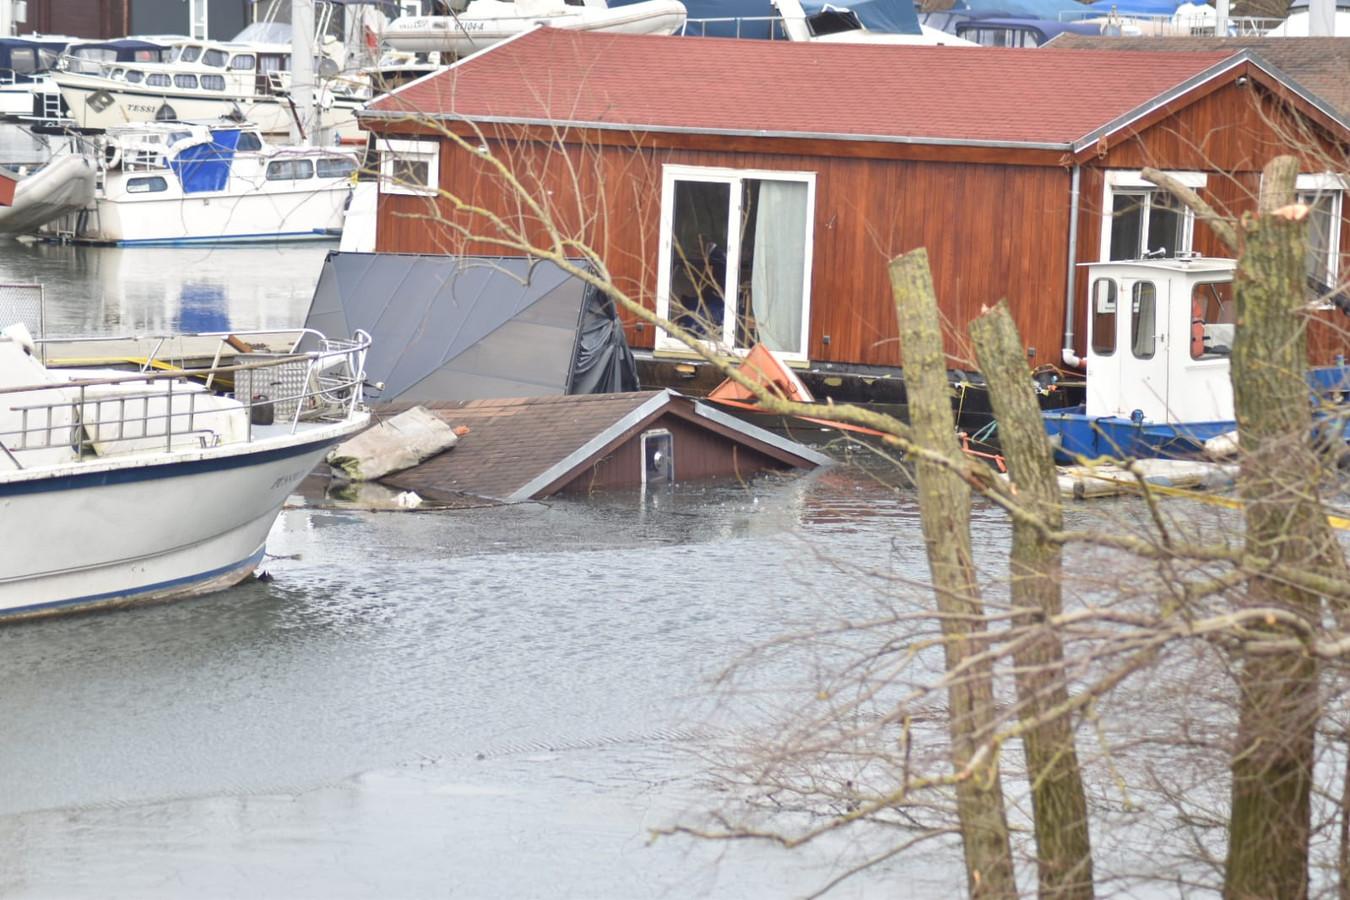 De vakantiewoning is bijna helemaal in het water gezonken, in jachthaven De Biland in Tolkamer.